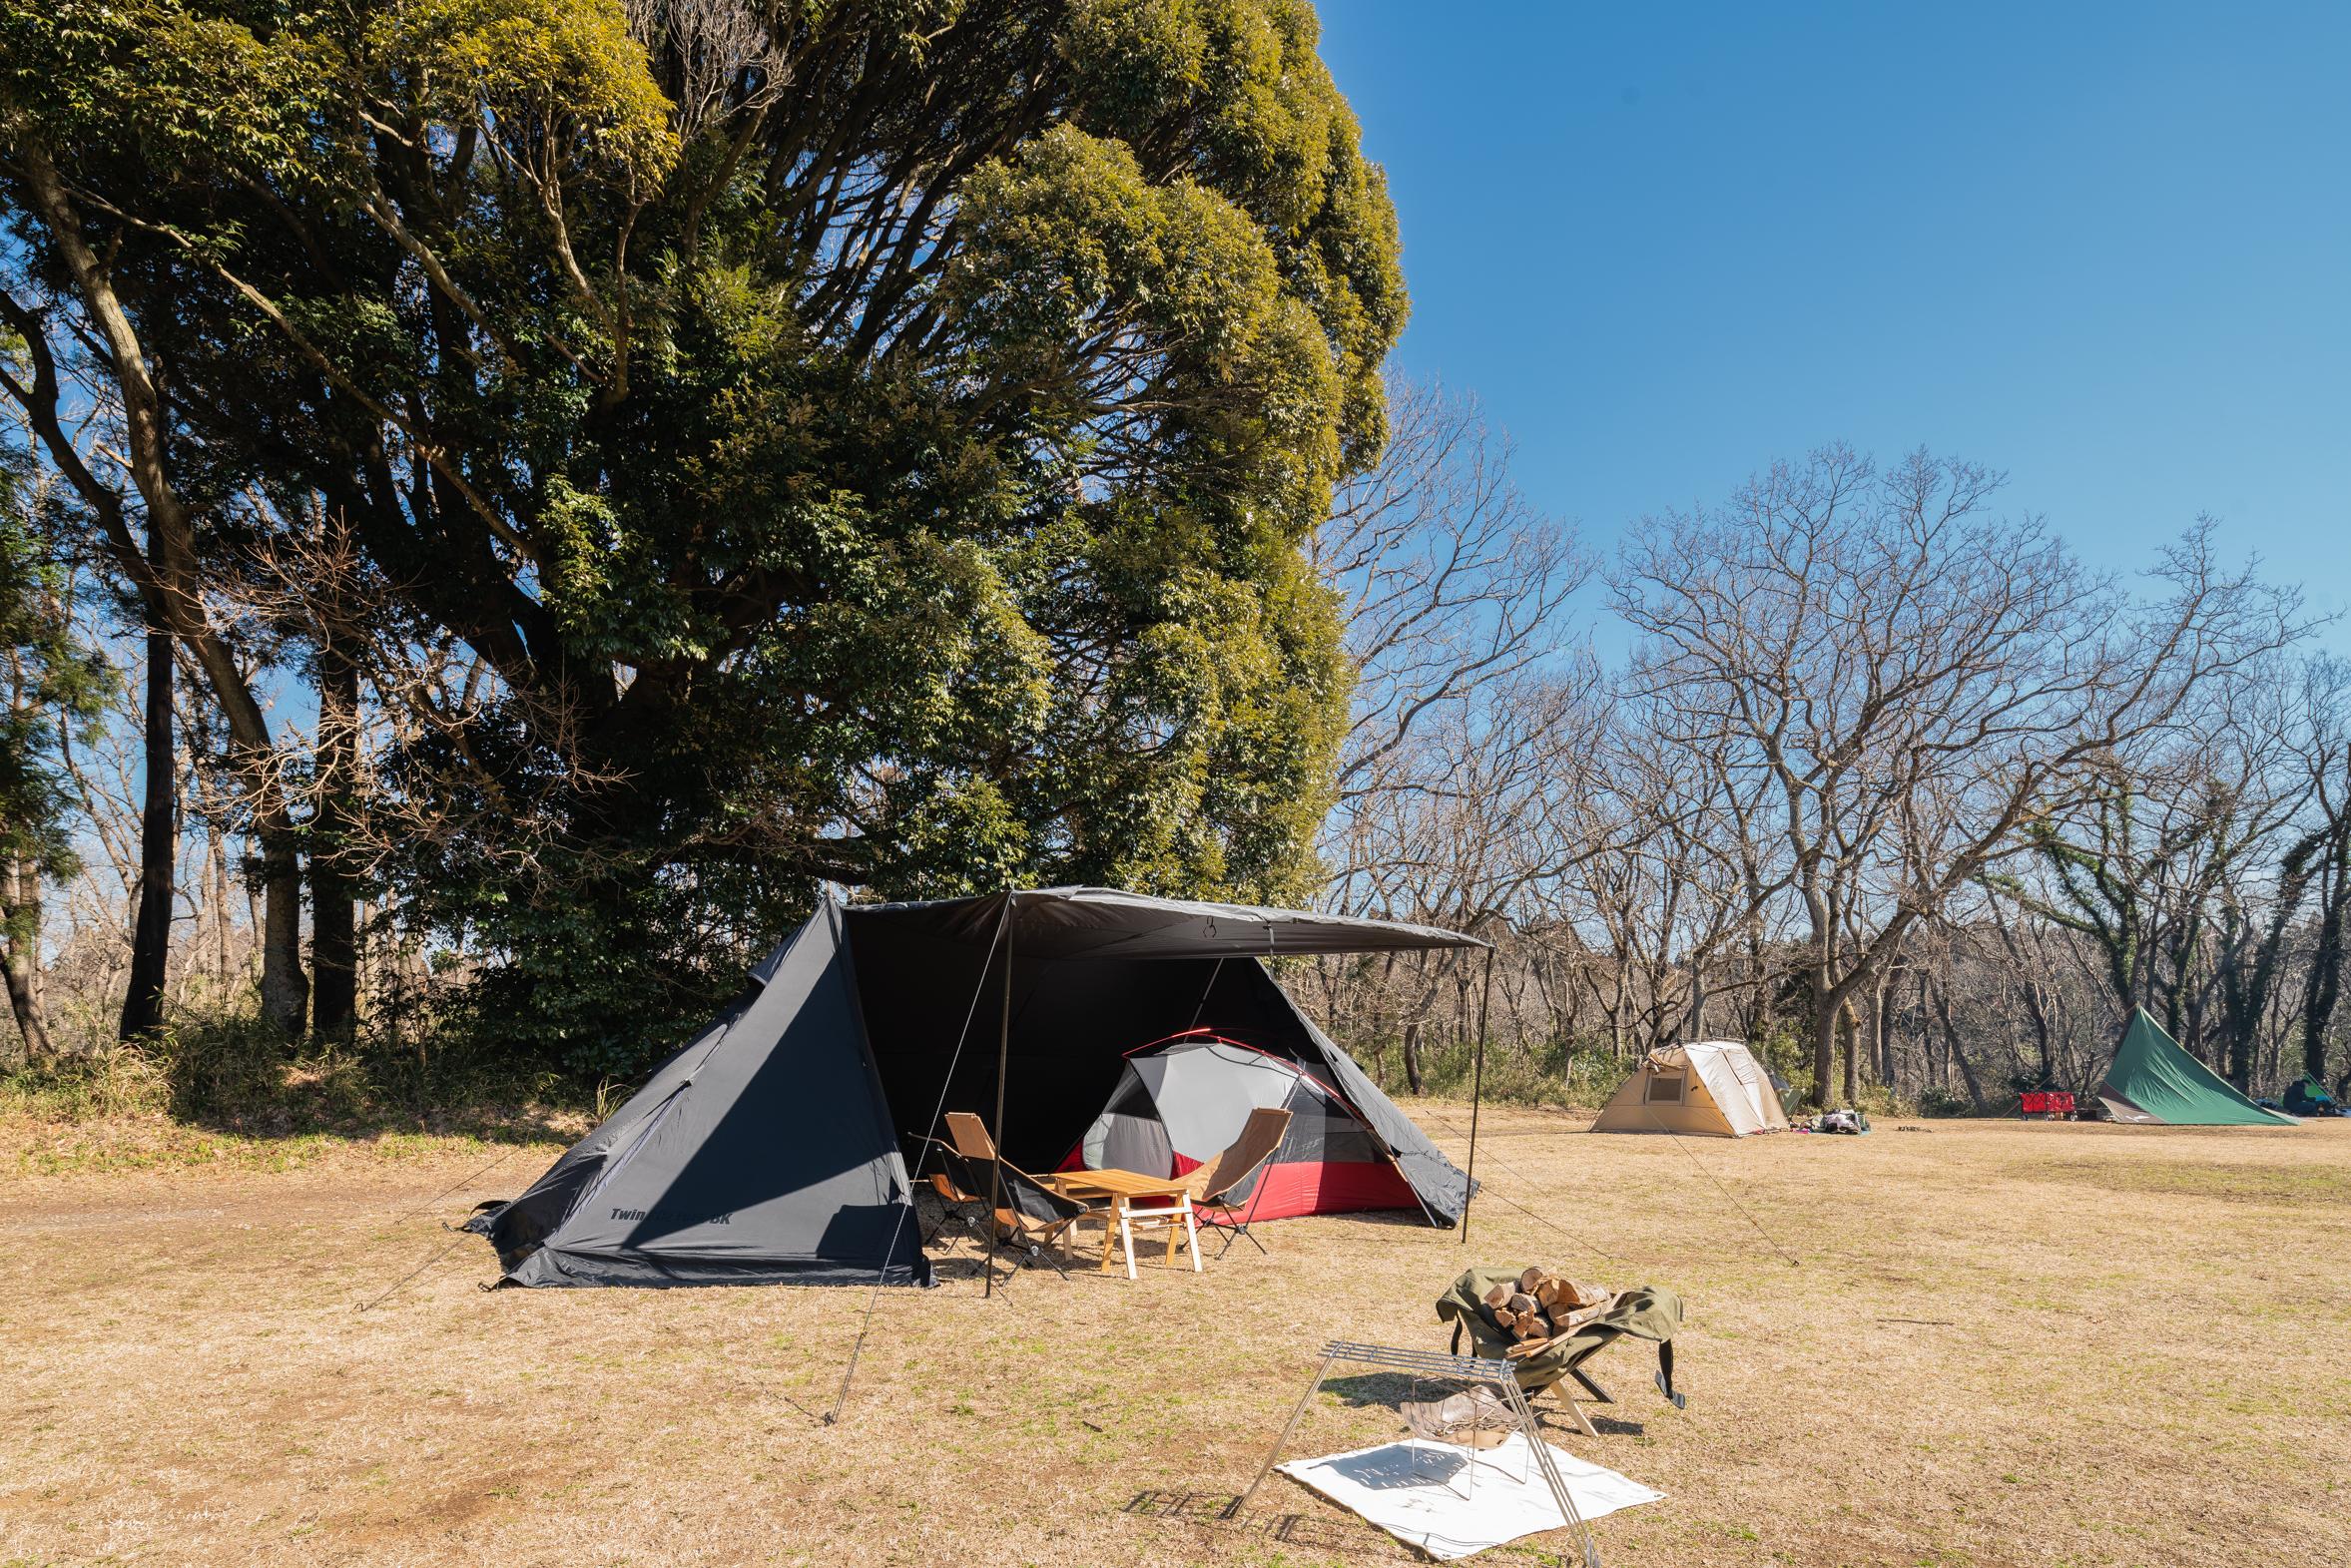 2021.02.06 昭和の森フォレストビレッジ デイキャンプ-3.jpg